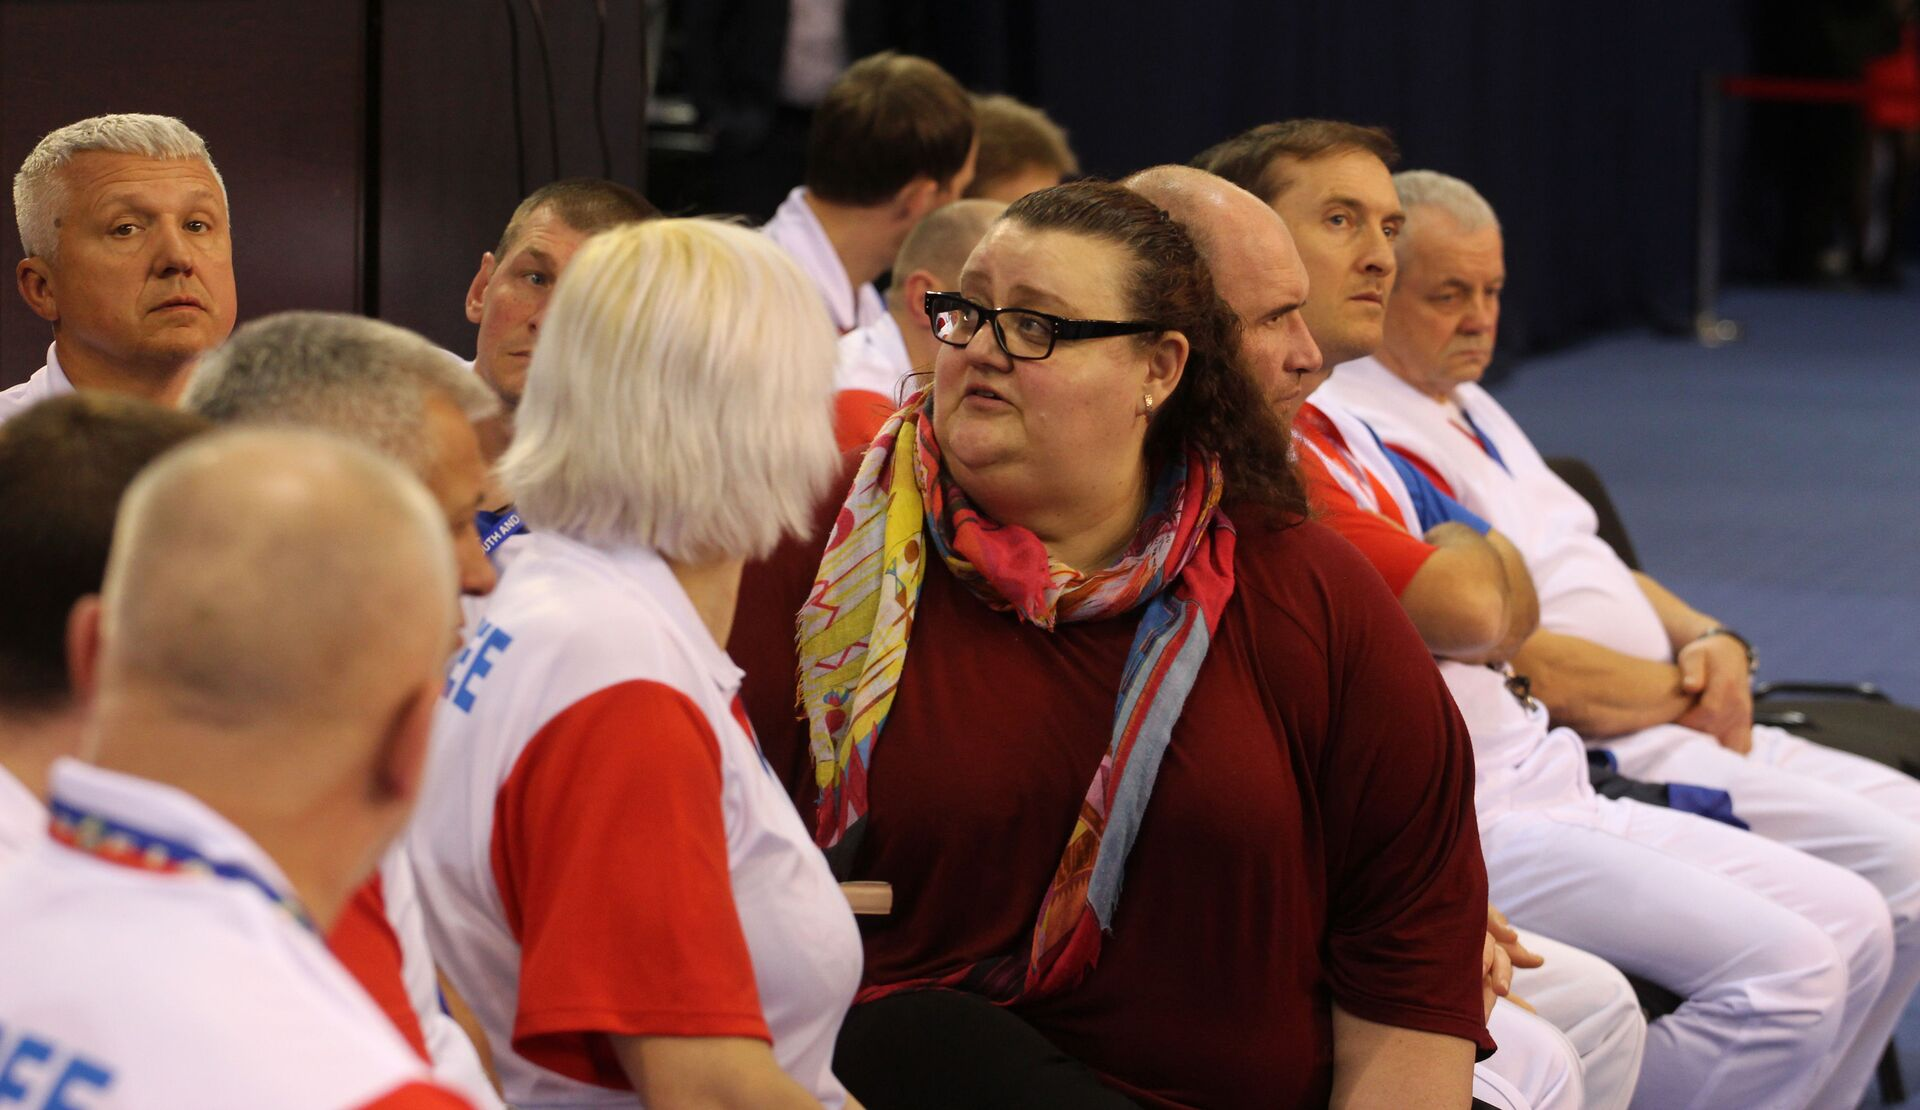 Постичь сумо и победить: как белоруска стала дважды чемпионкой мира - Sputnik Беларусь, 1920, 31.03.2021